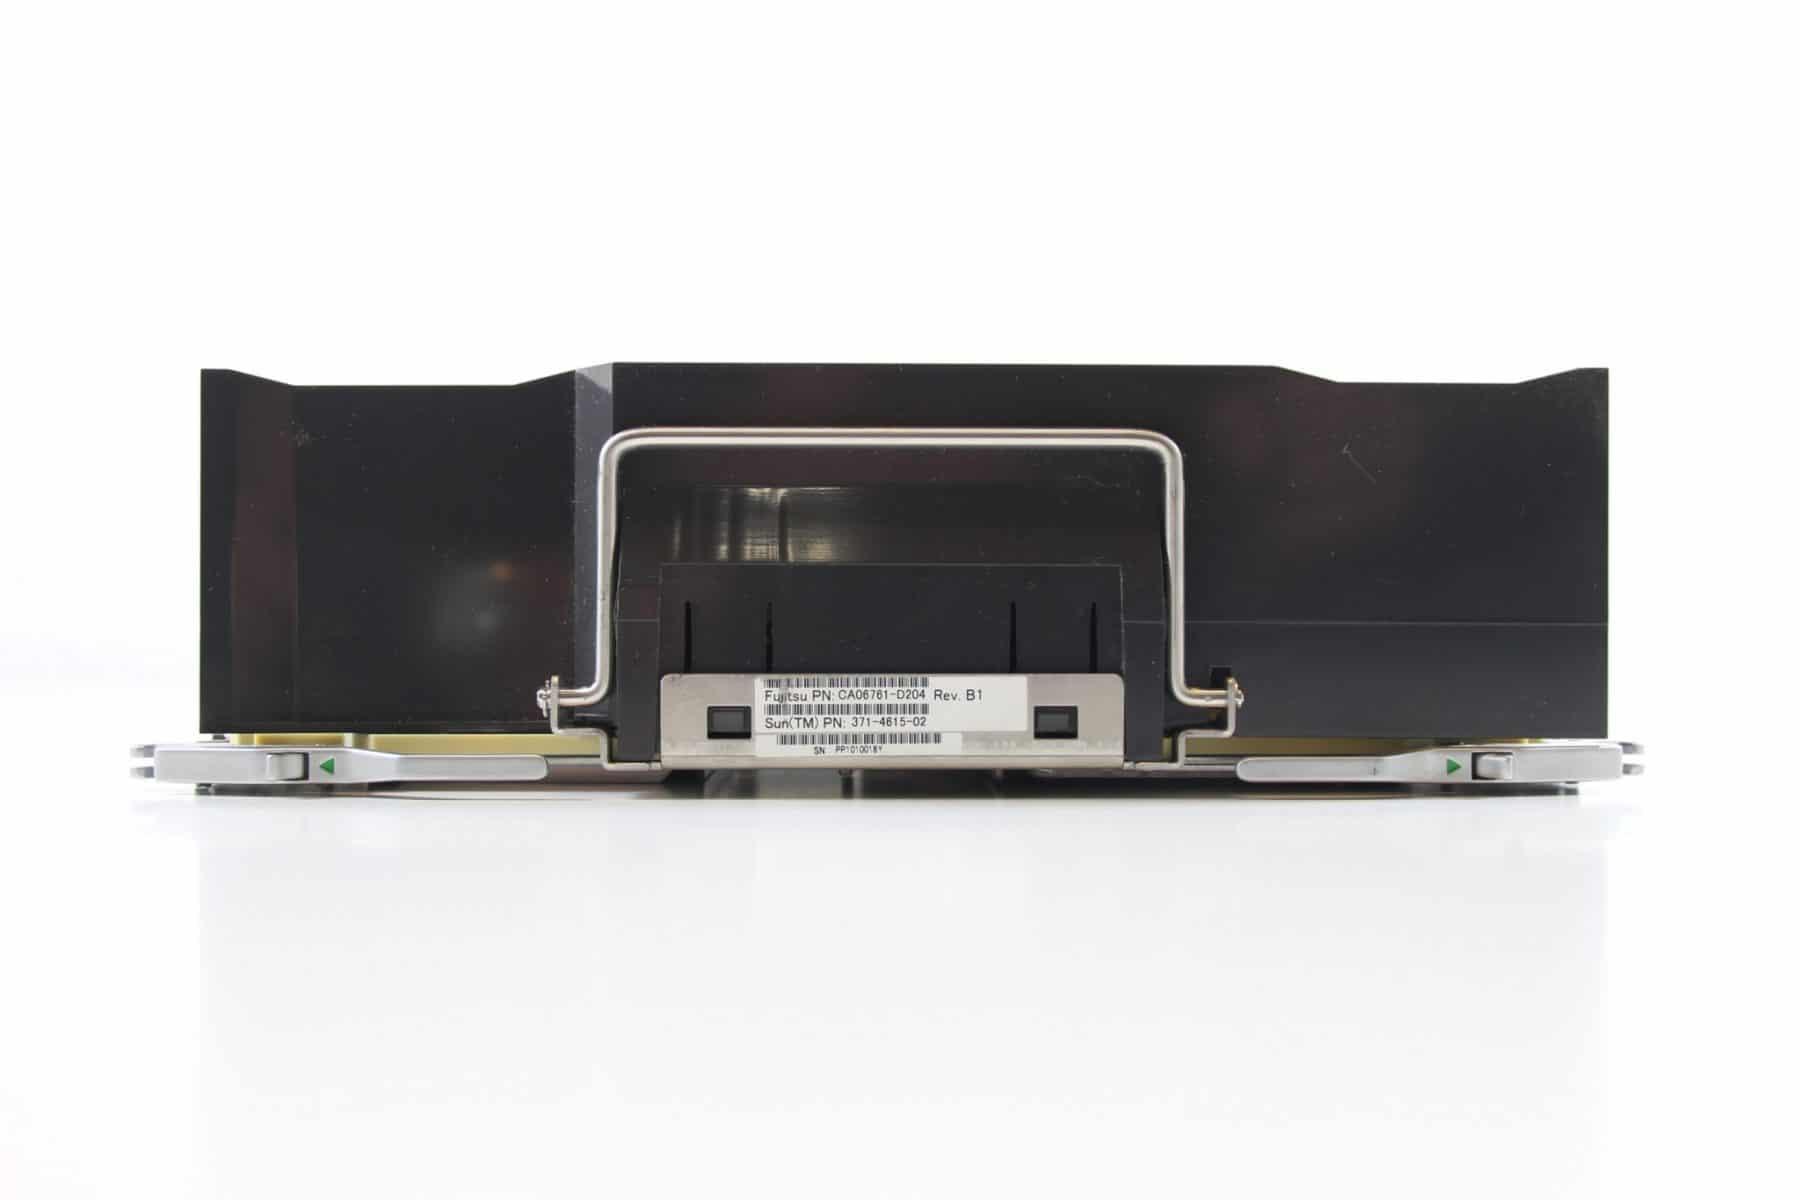 Sun-SELX1C1Z-CPU-Module-Front-View-6-1-2-2-3-1-3-1-1.jpg